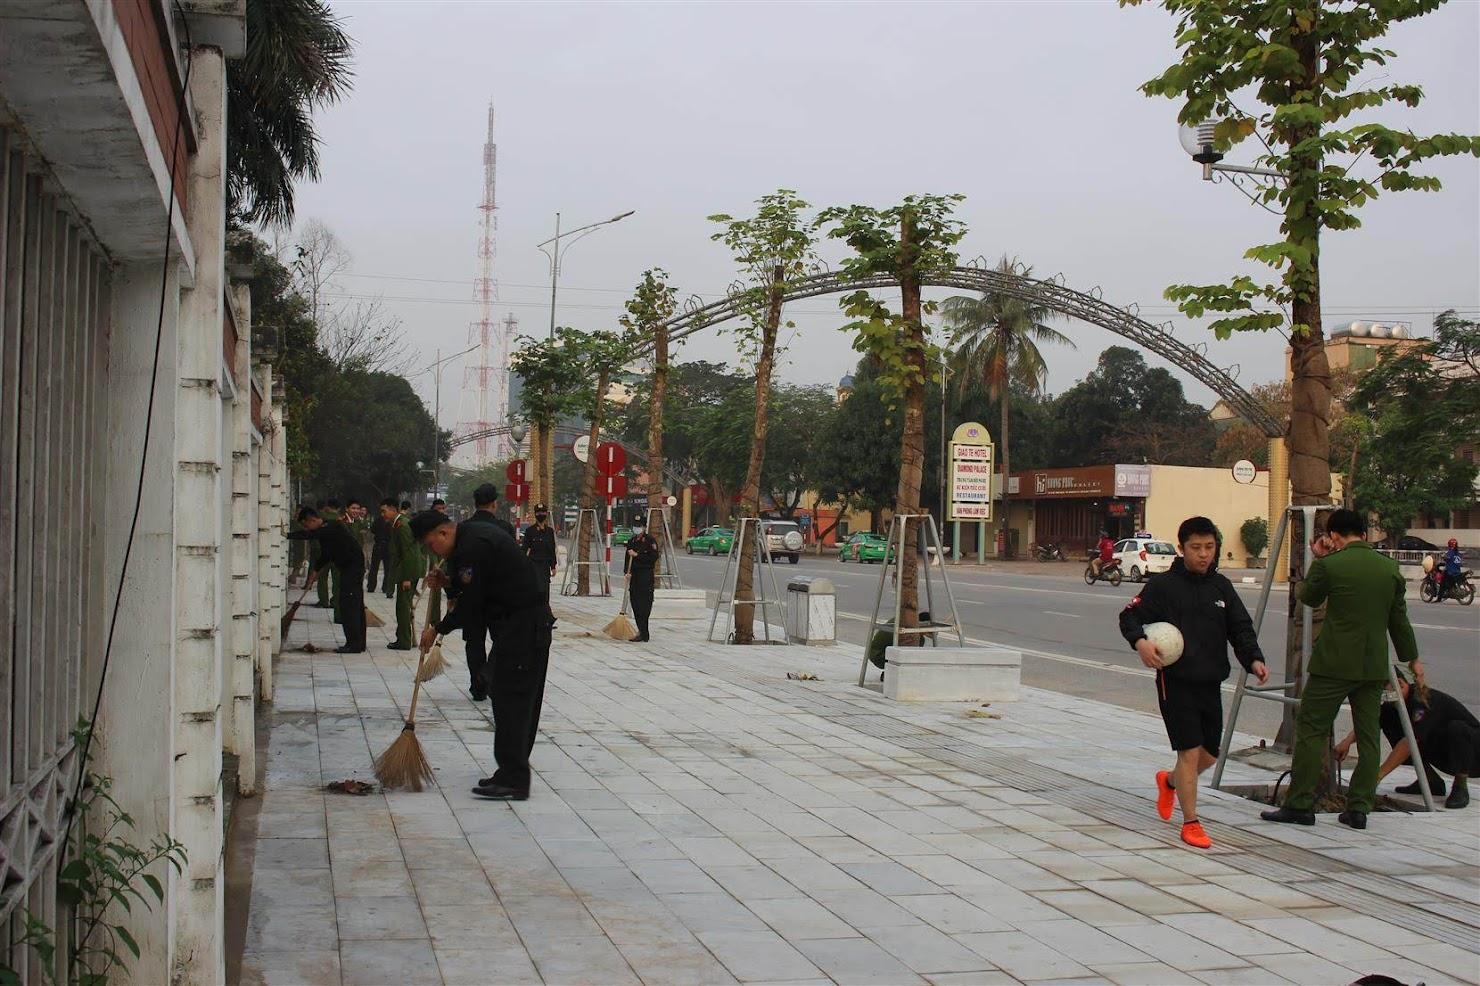 Đoàn viên Đoàn cơ sở Phòng Cảnh sát Cơ động dọn dẹp vệ sinh trên tuyến đường Hồ Tùng Mậu nơi đơn vị đóng quân